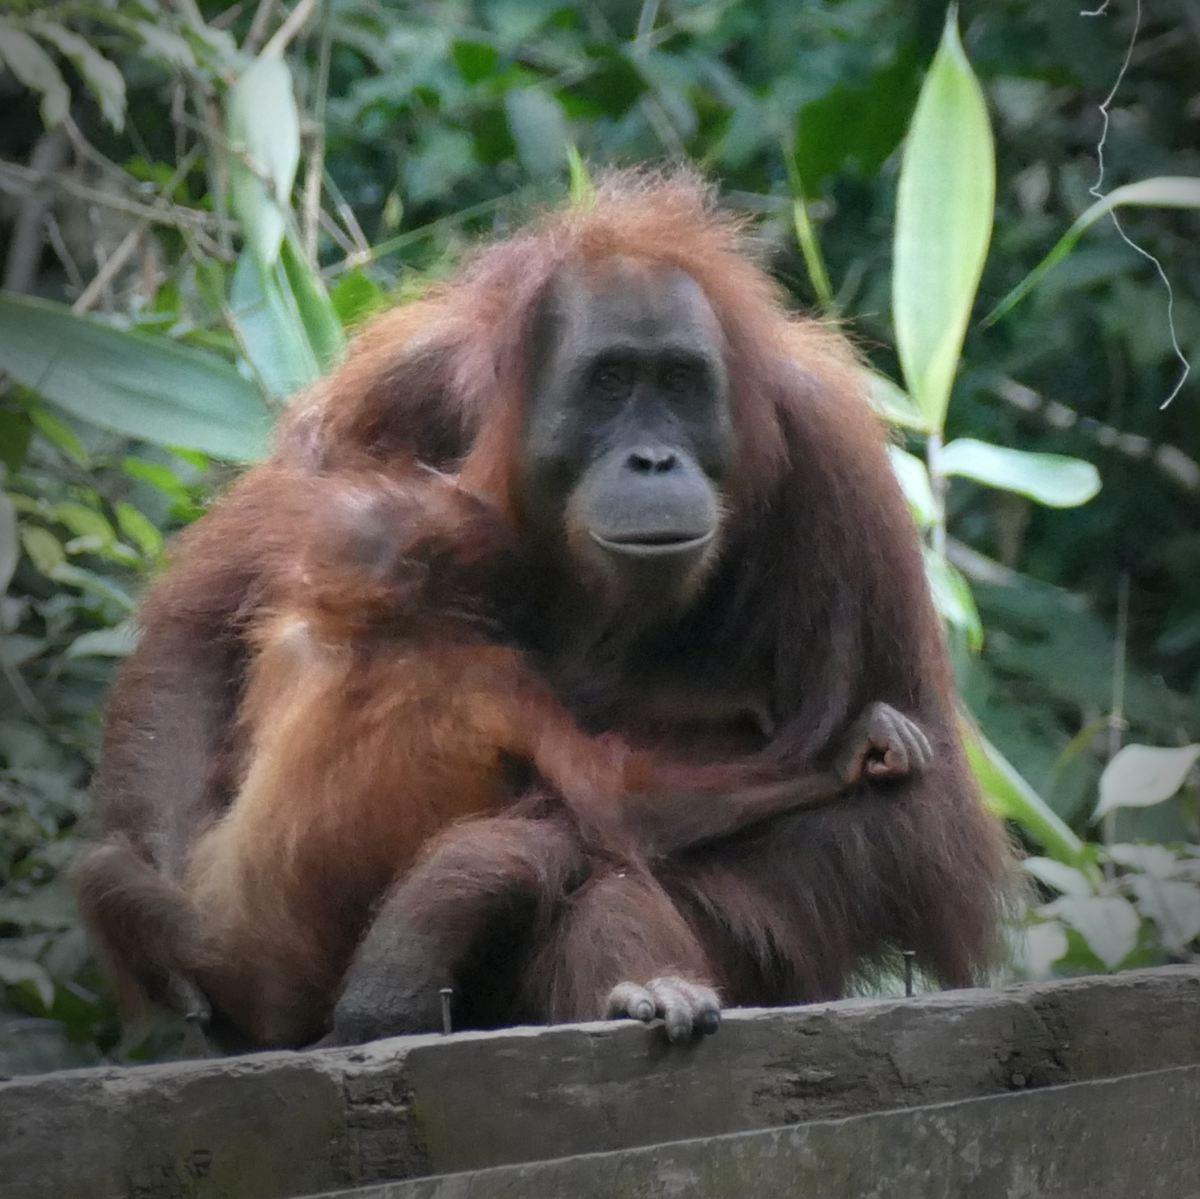 A mother and baby orangutan at the Sepilok Orangutan Rehabilitation Center. Noah Strycker